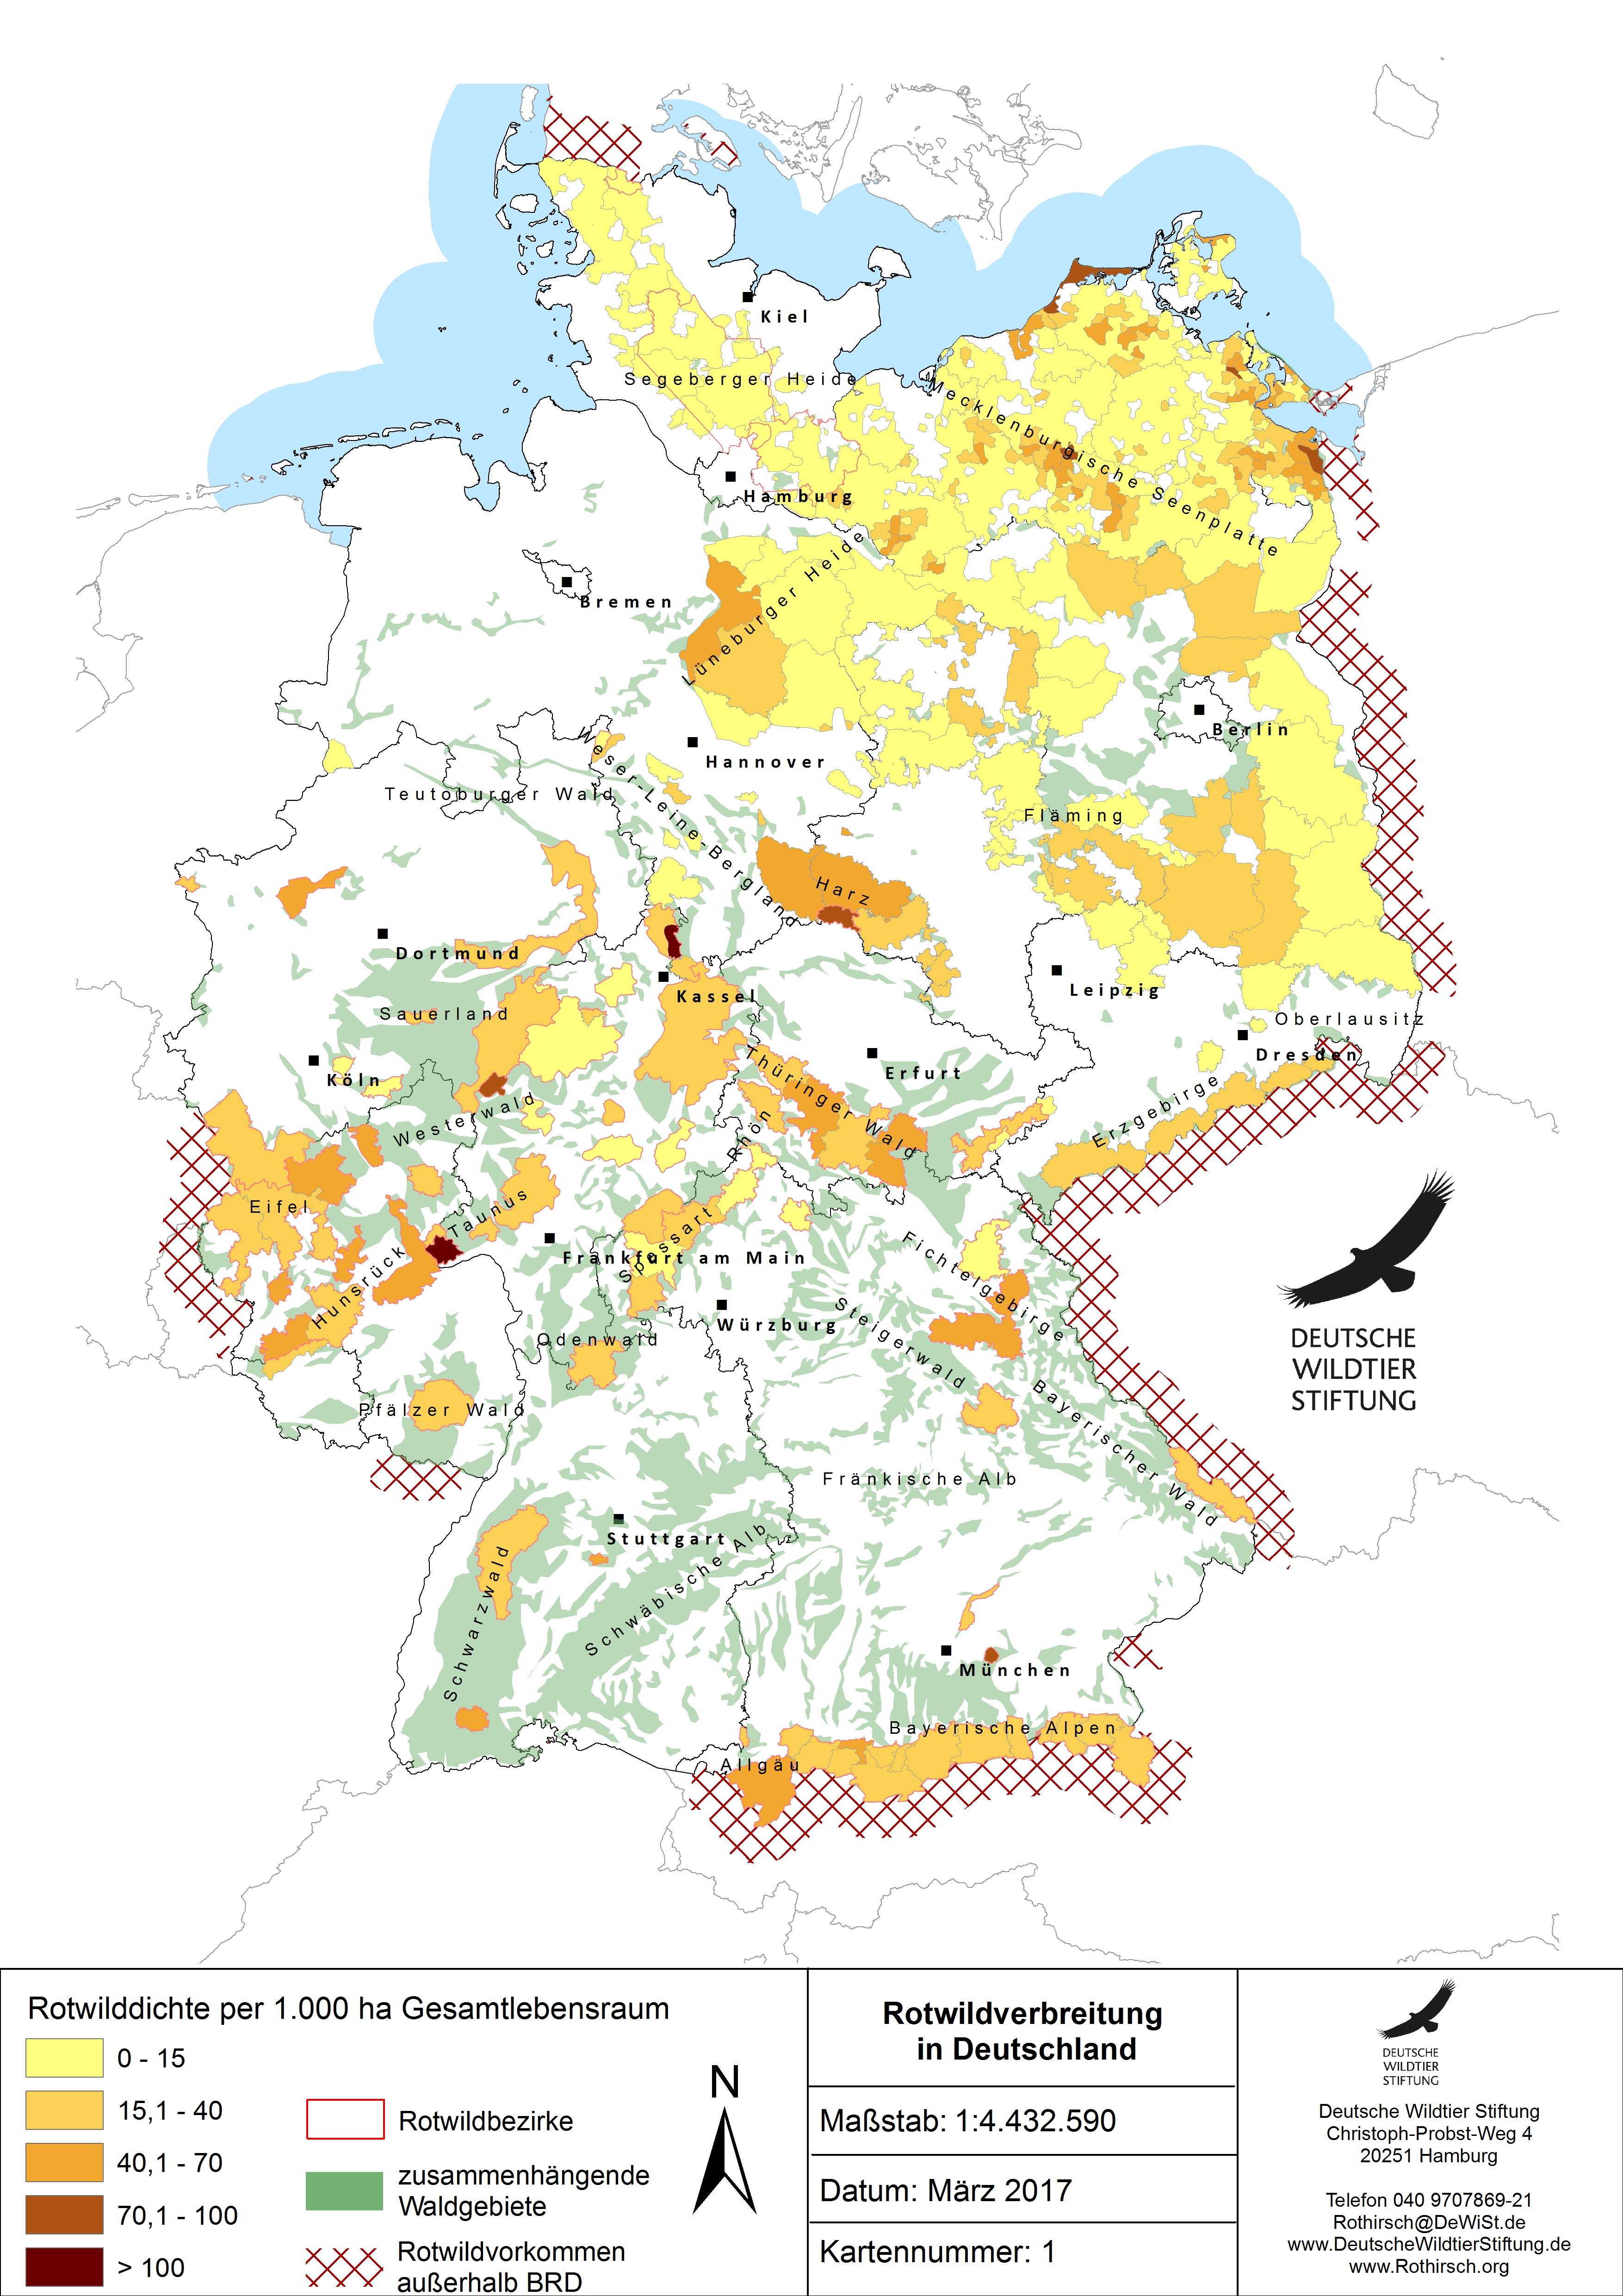 wildtiere in deutschland bilder